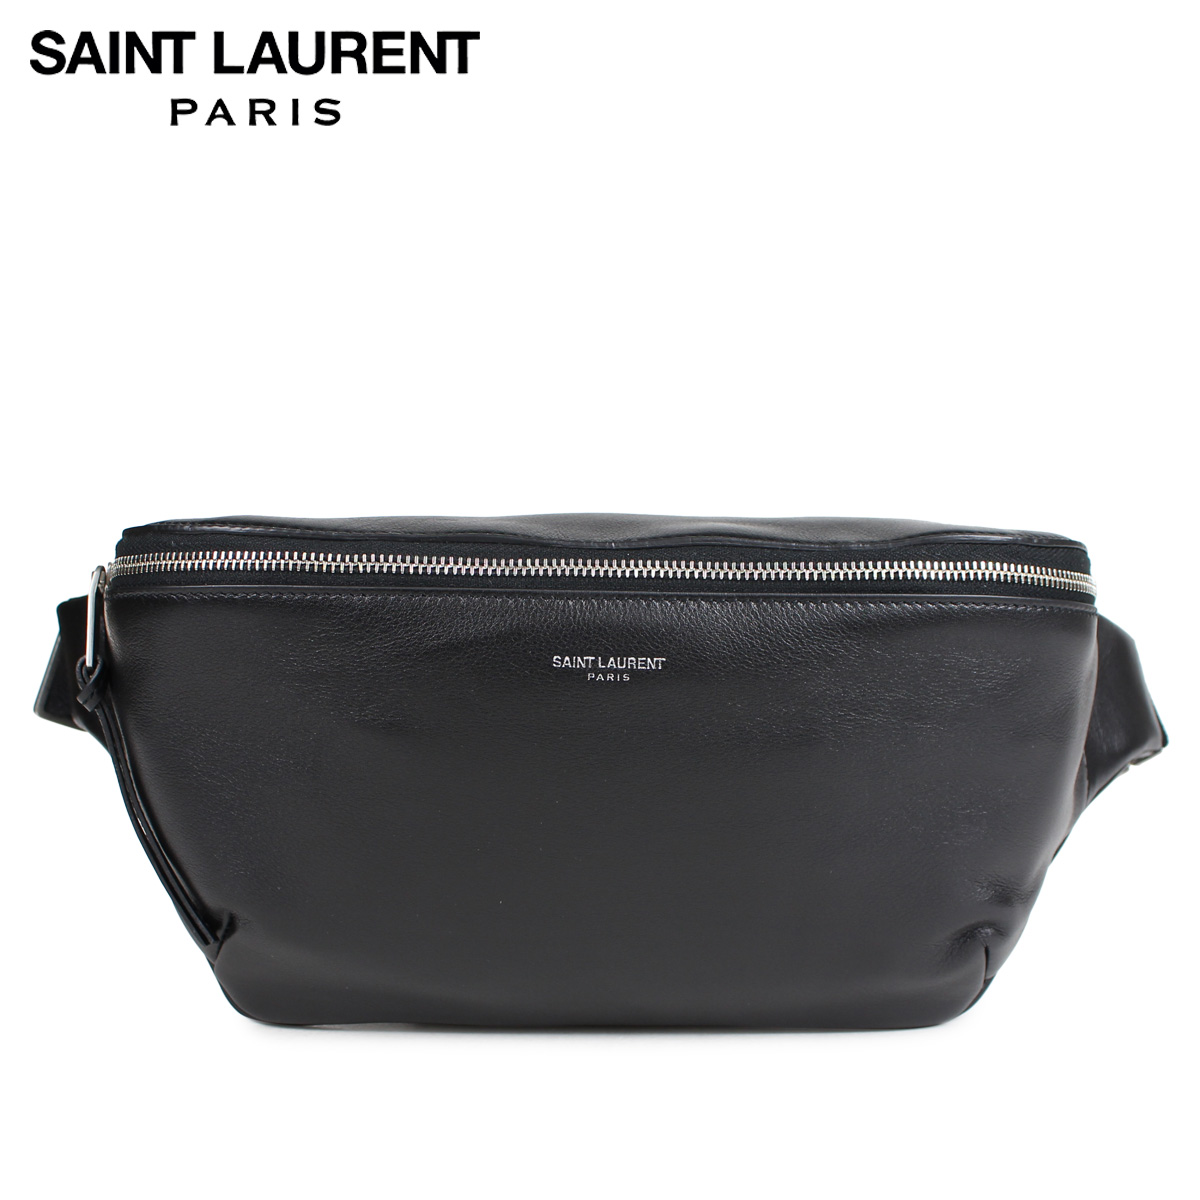 SAINT LAURENT PARIS サンローラン パリ ボディバッグ ベルトバッグ メンズ レディース BODY BAG ブラック 505671 0X52E